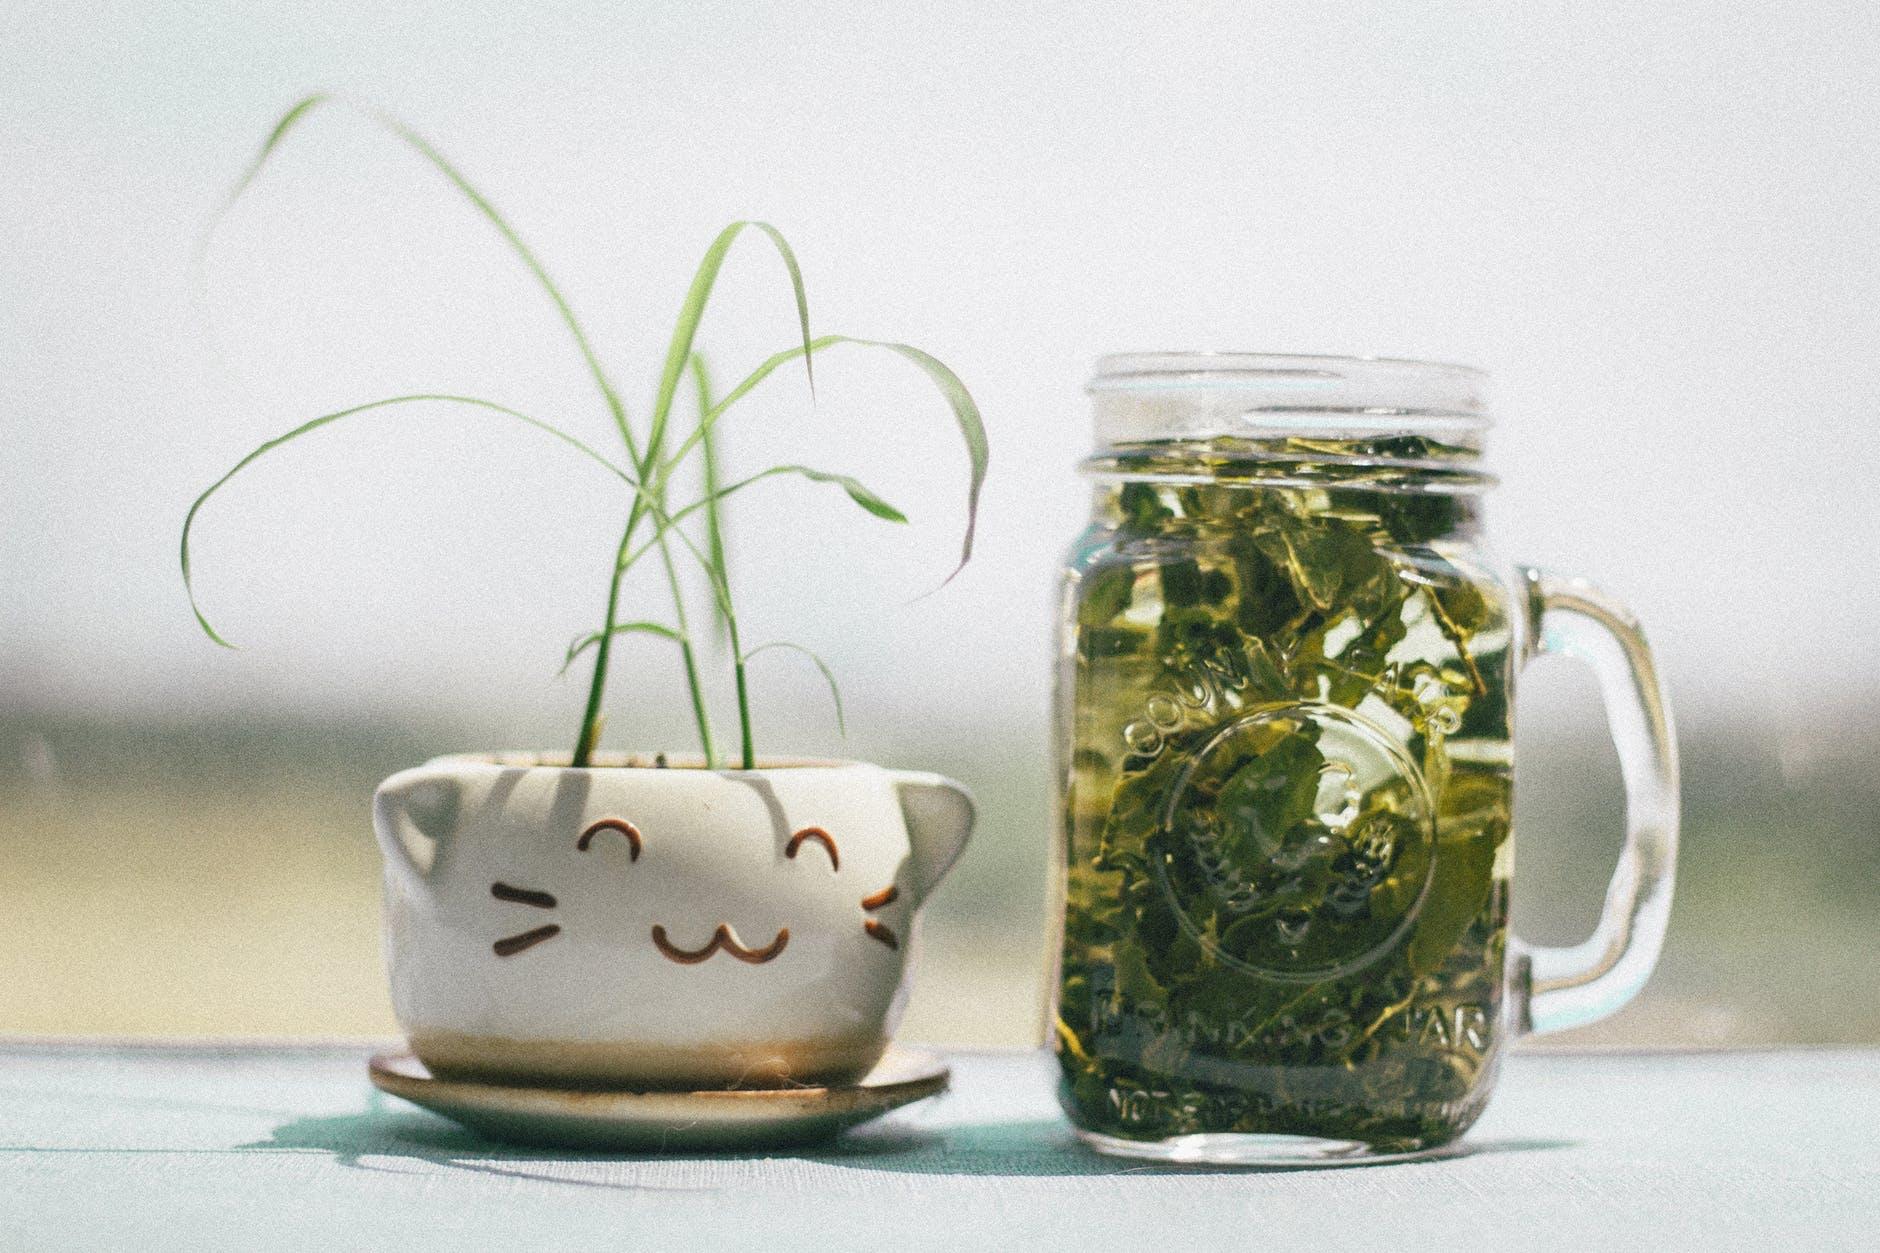 Trà thảo mộc-Ly trà xanh đặt kế bình hoa con mèo.